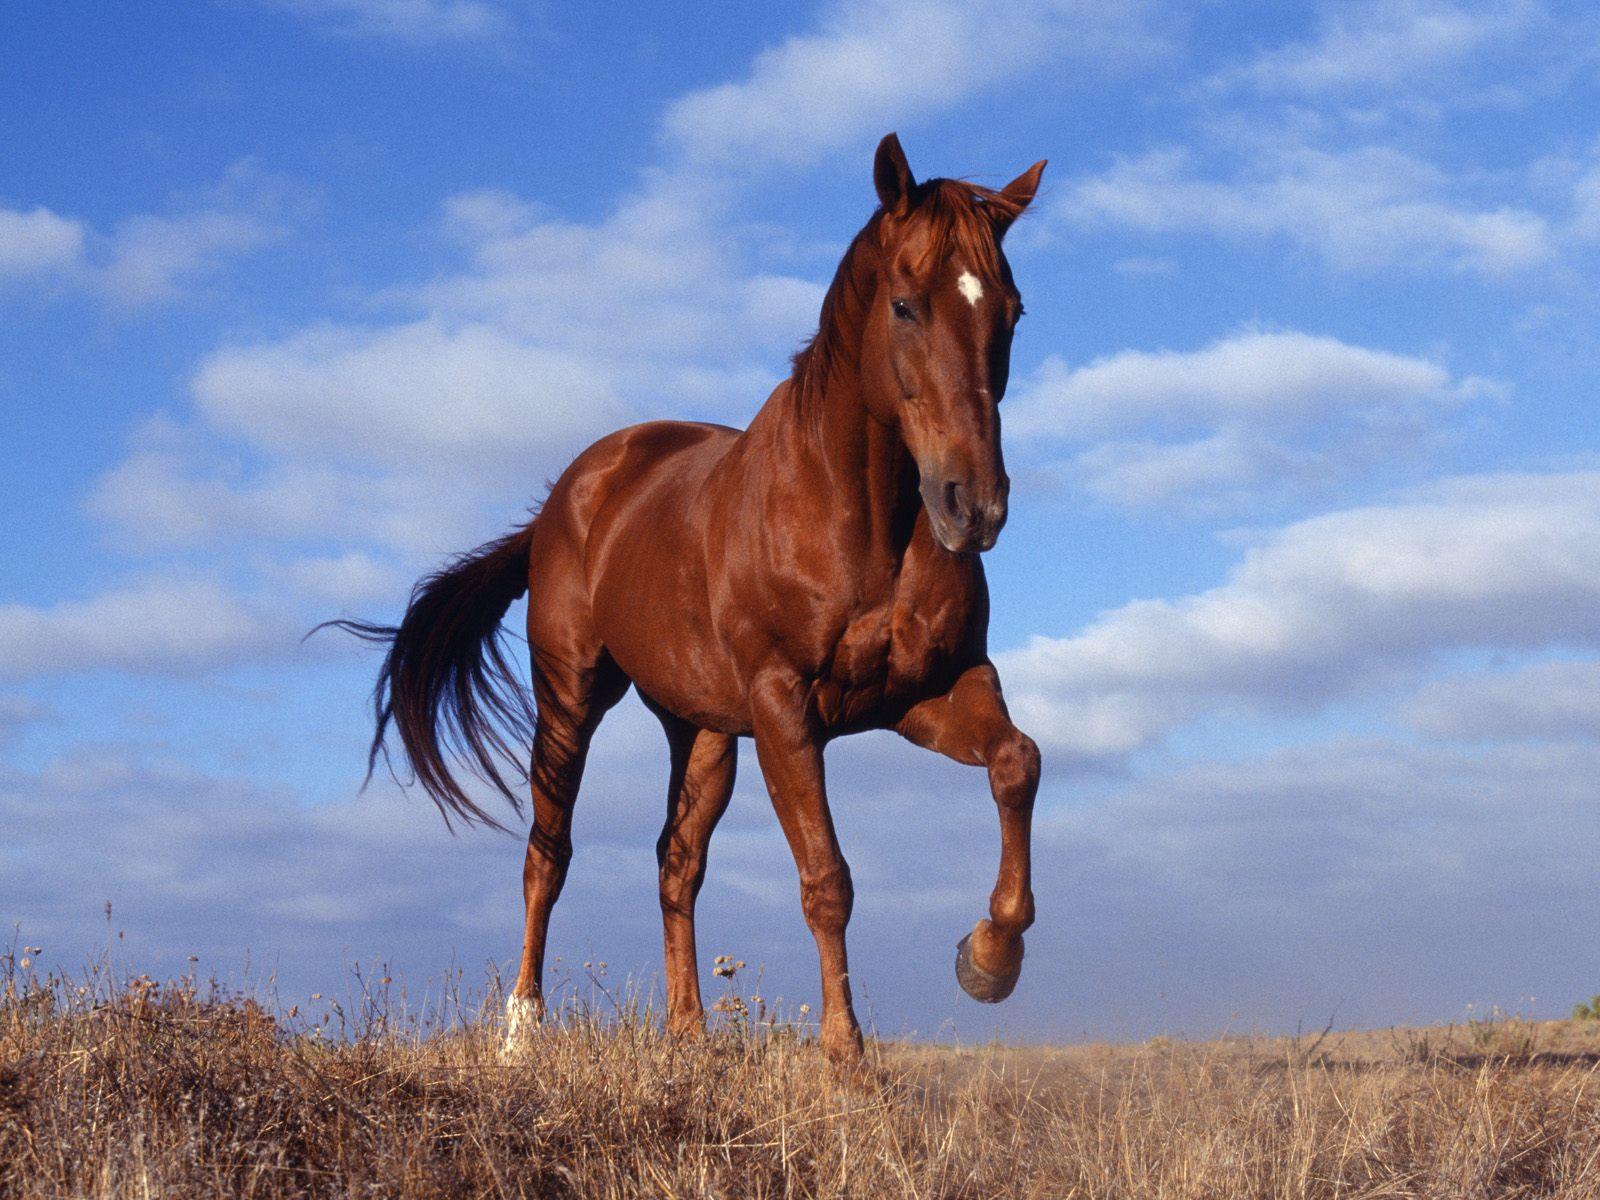 かっこいい馬の画像探してうまー - naver まとめ